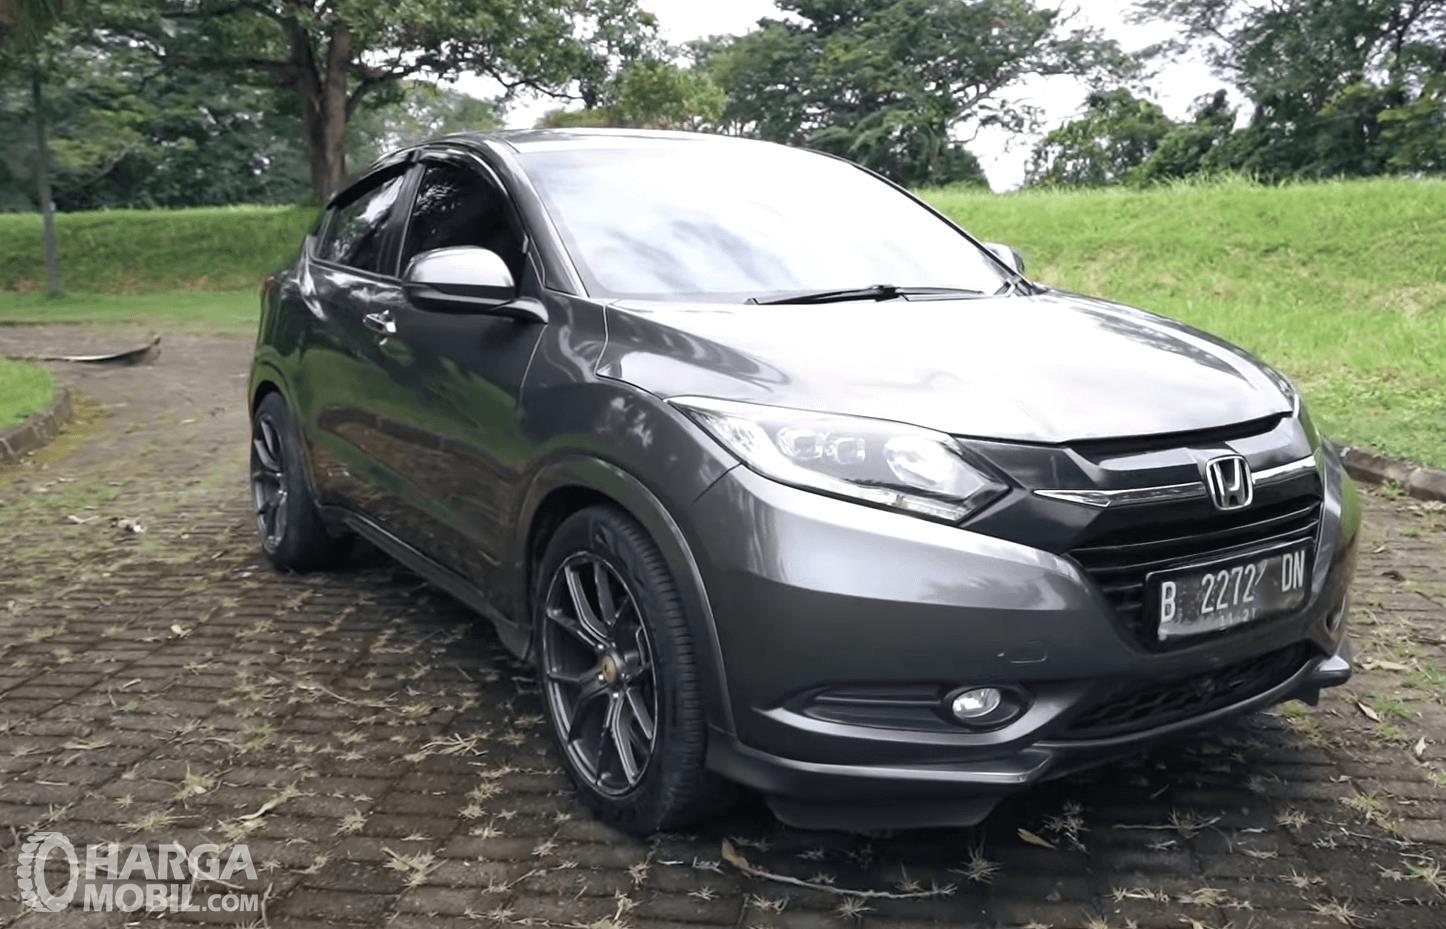 Spesifikasi Honda HR-V 1.8L Prestige 2016 : Mobil SUV Dengan Kabin Lega Dan Bagasi Luas